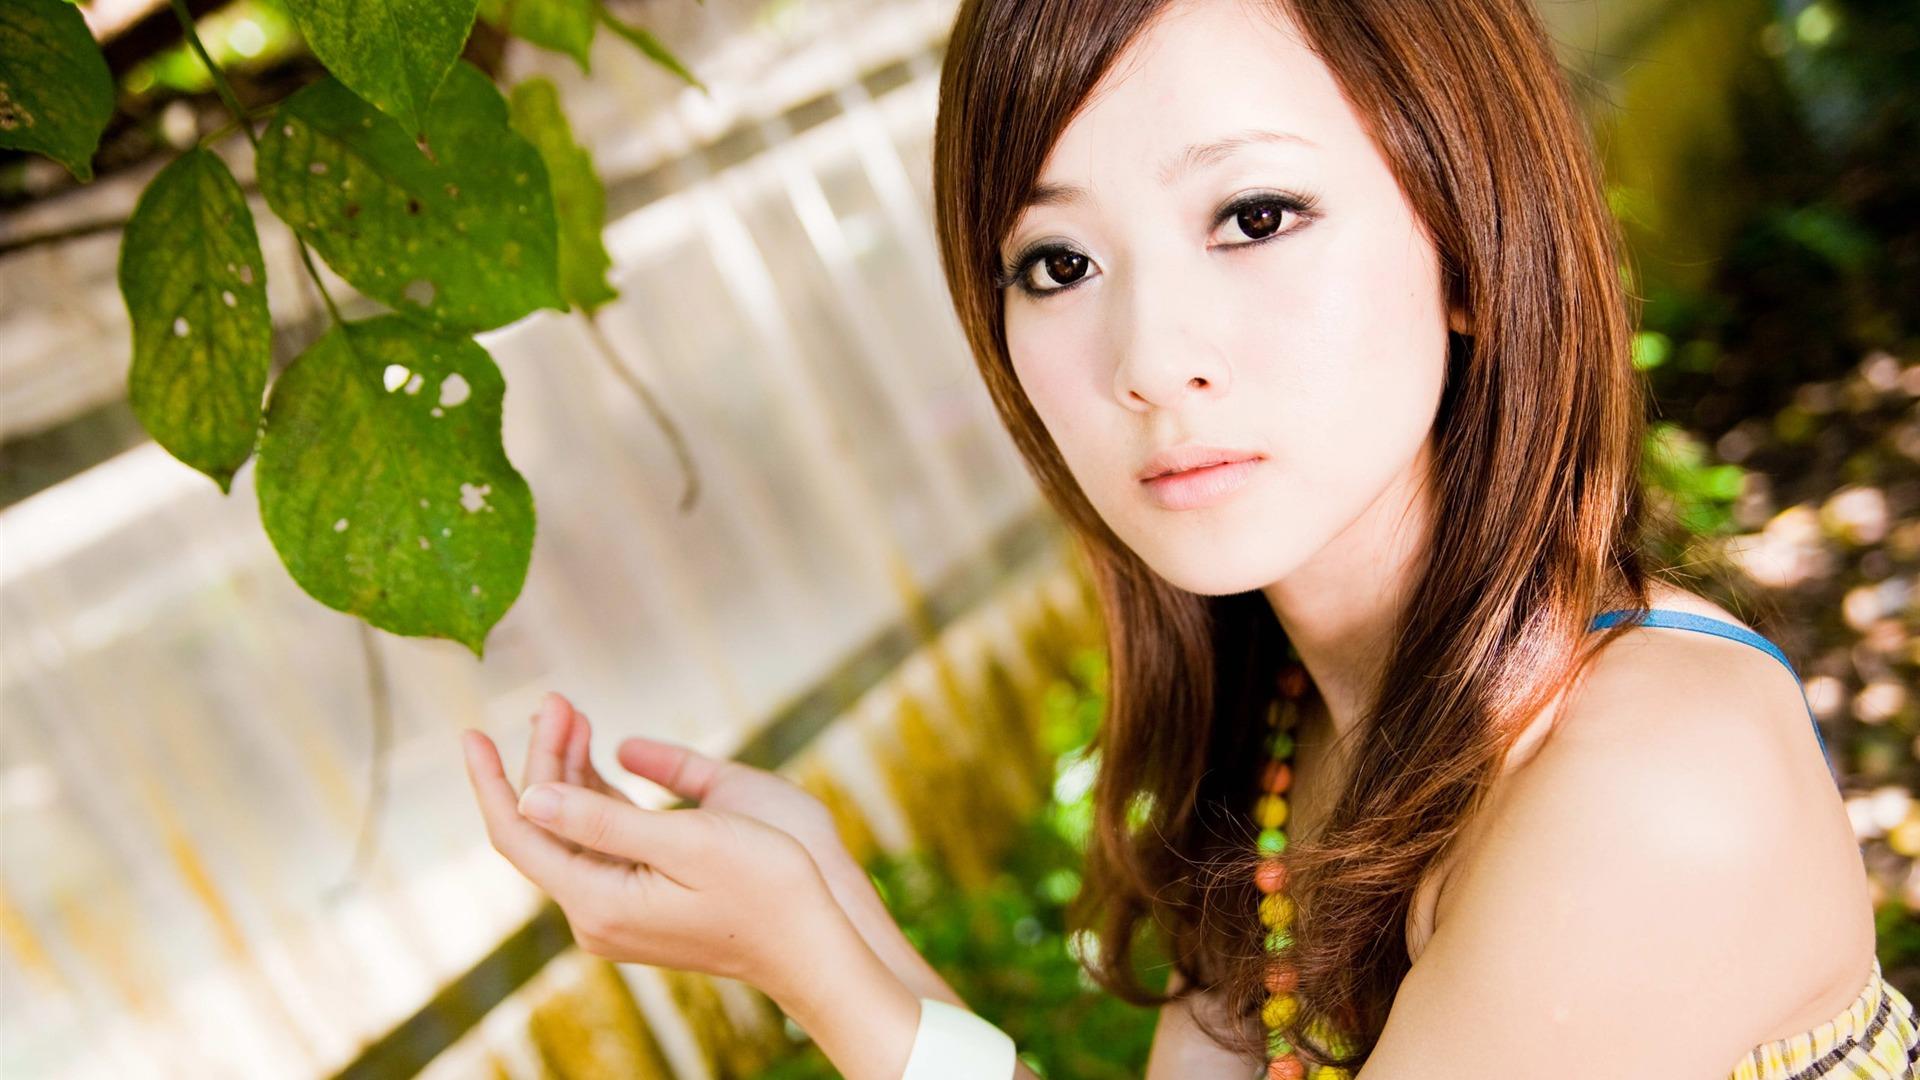 Фото hd японки 93341 фотография